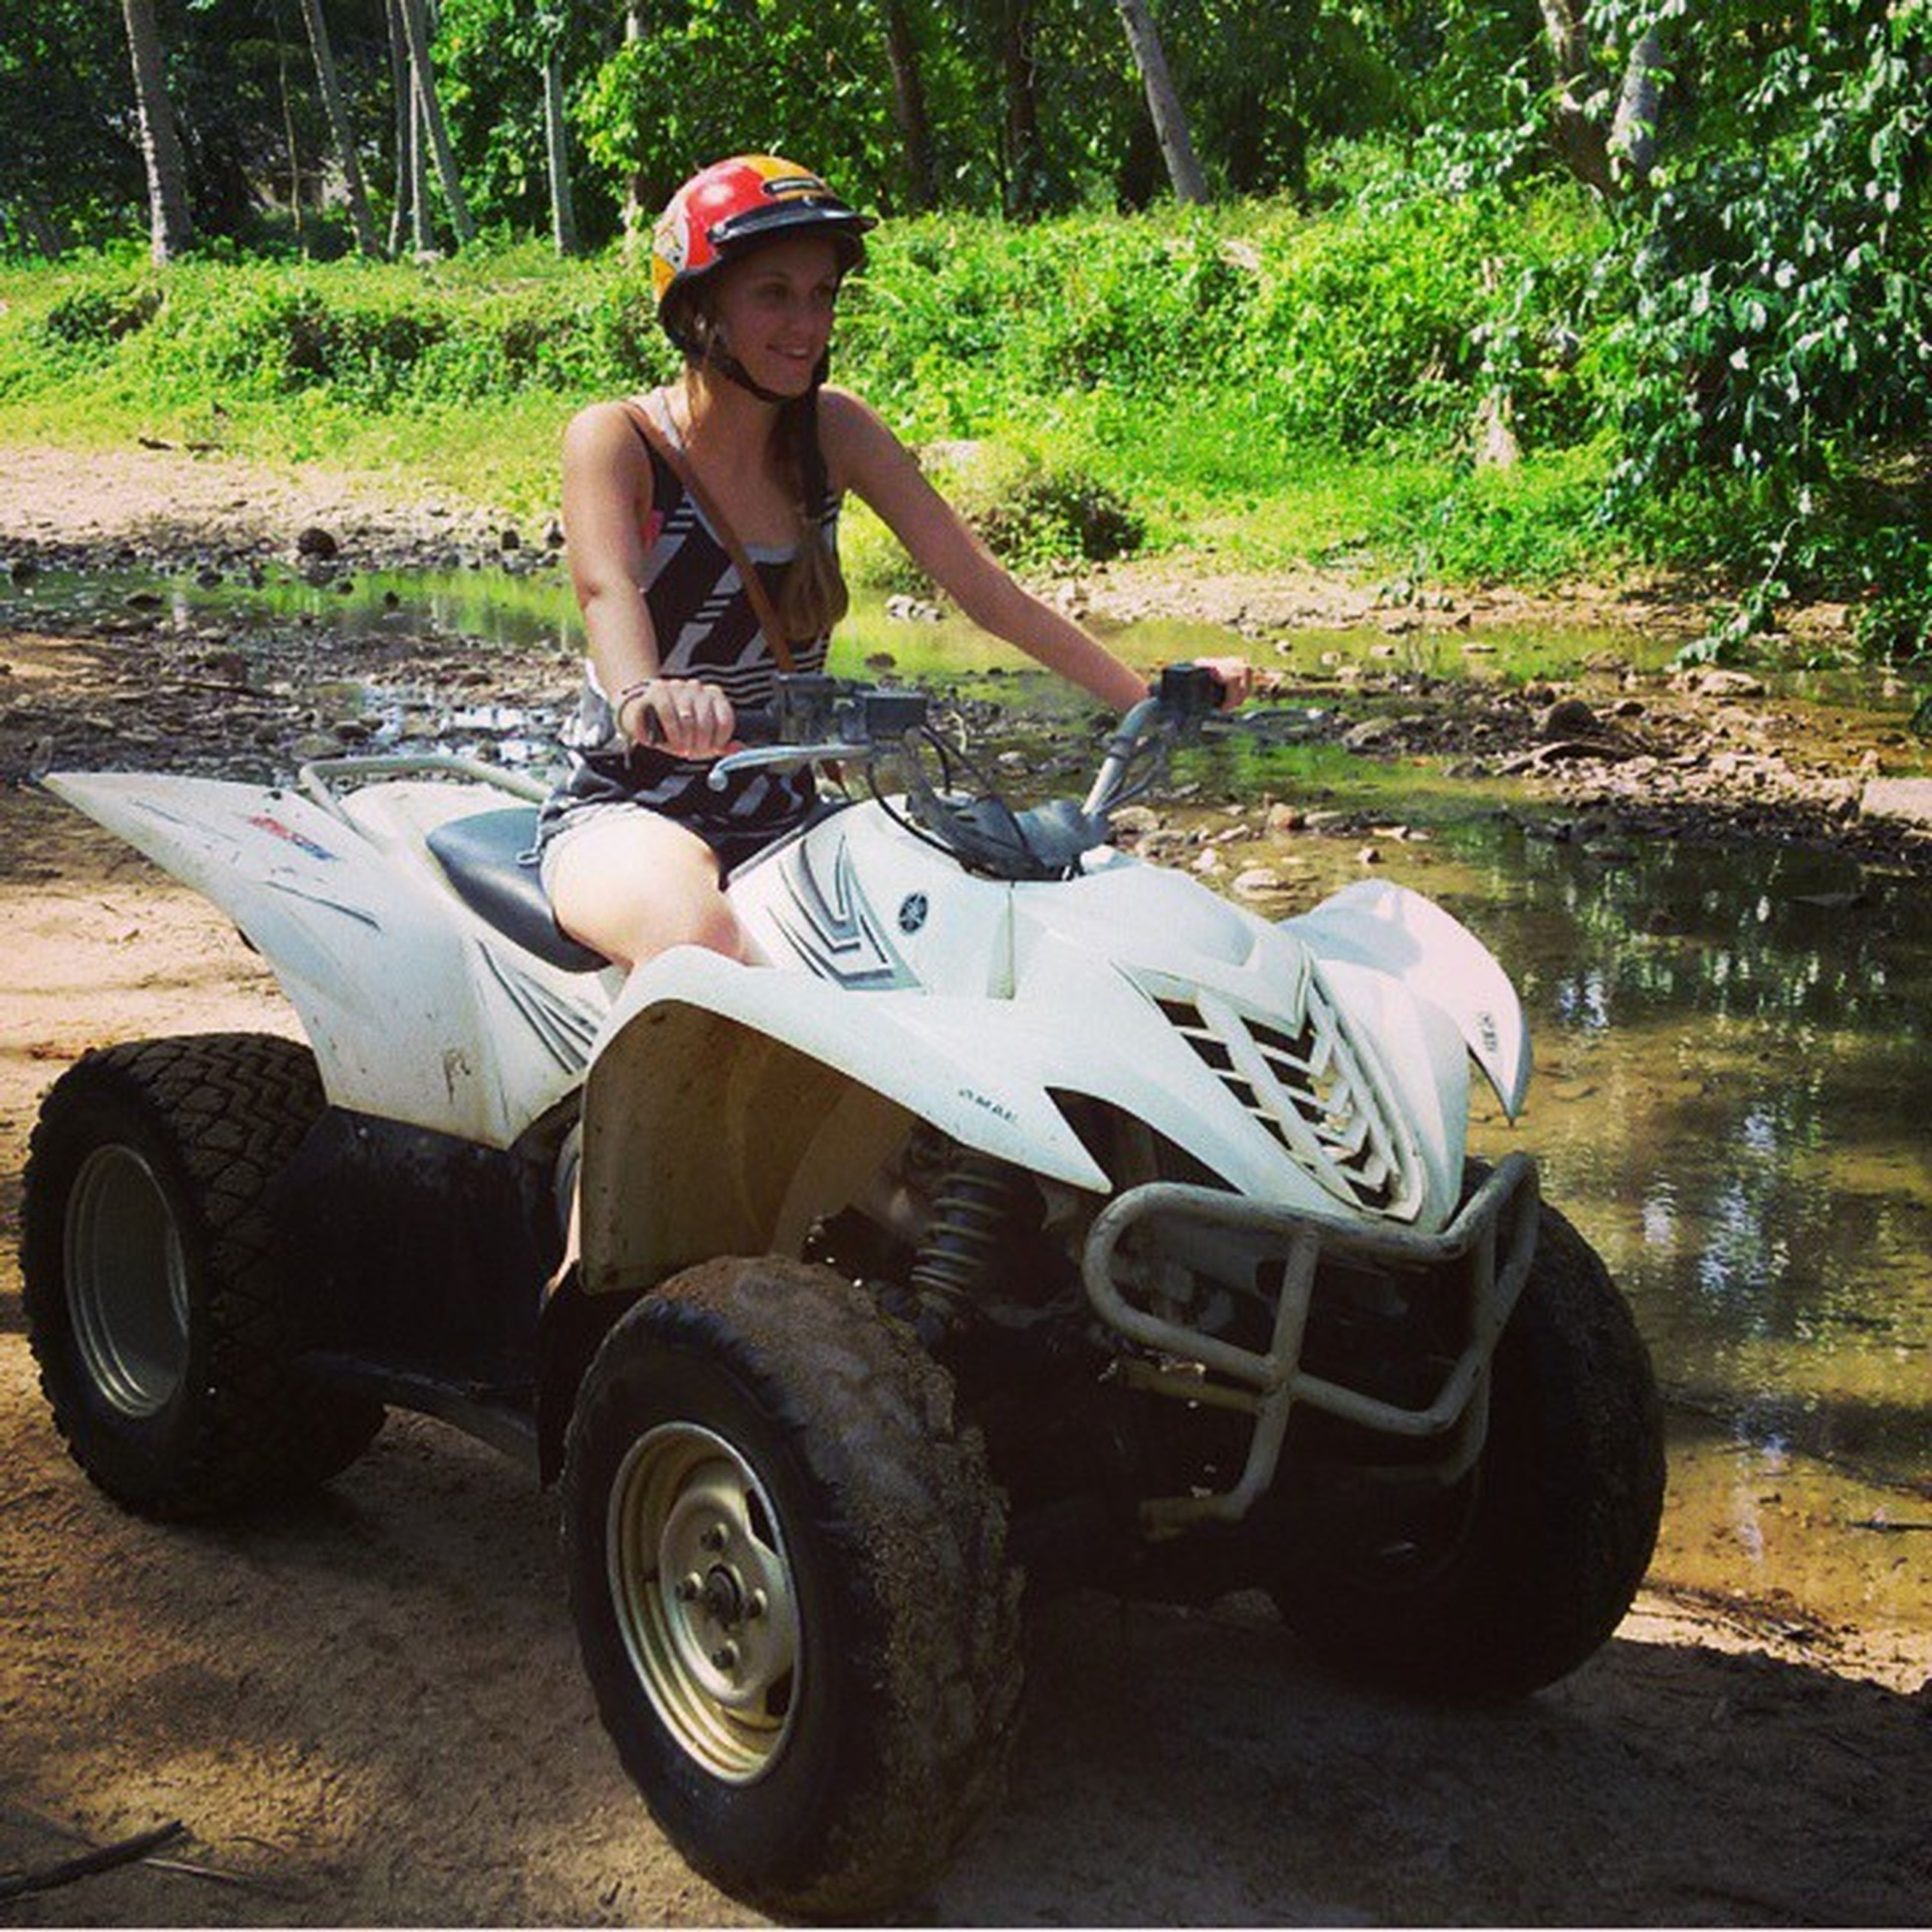 А мы сегодня гоняли по джунглям,по грязюке,лужам и речушкам✌👍почти как дома только с пальмами и палящим солнцем😀🙆 Samui квадрвциклы активныйотпуск джунгли